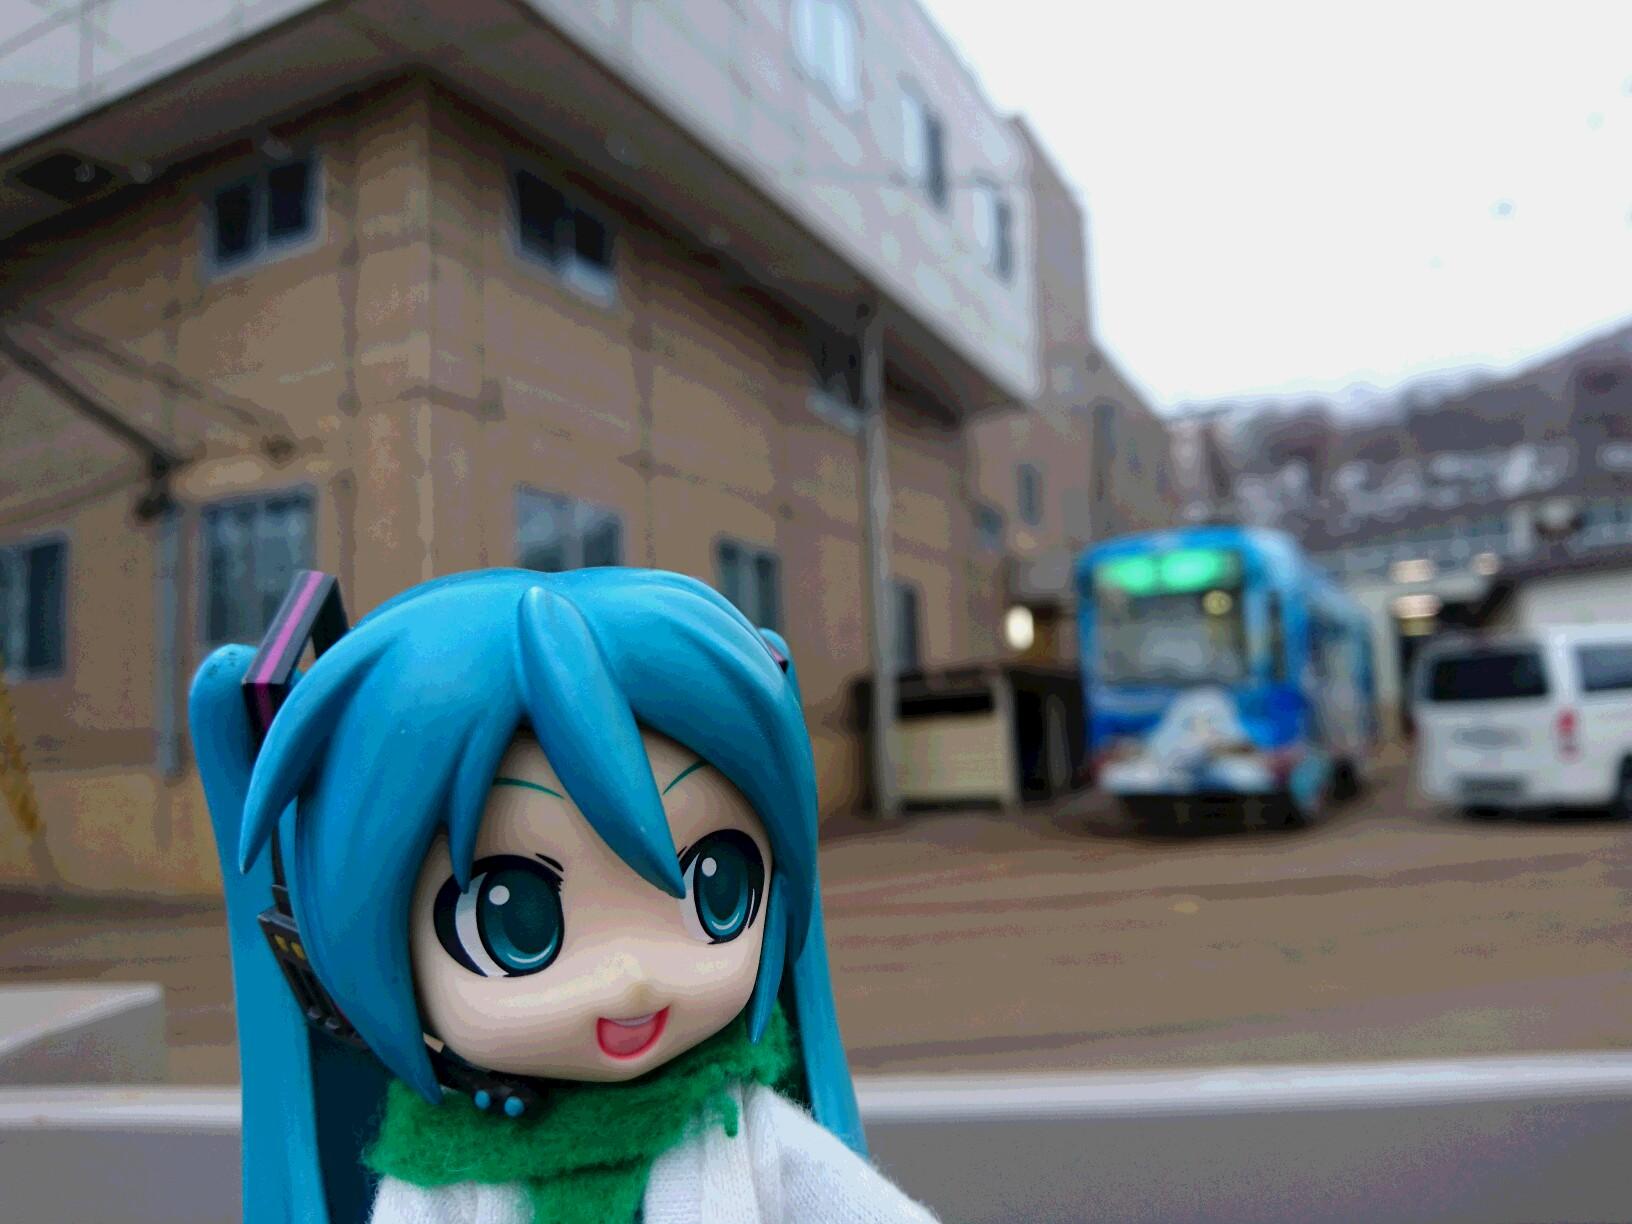 朝雪のお姫さま電車